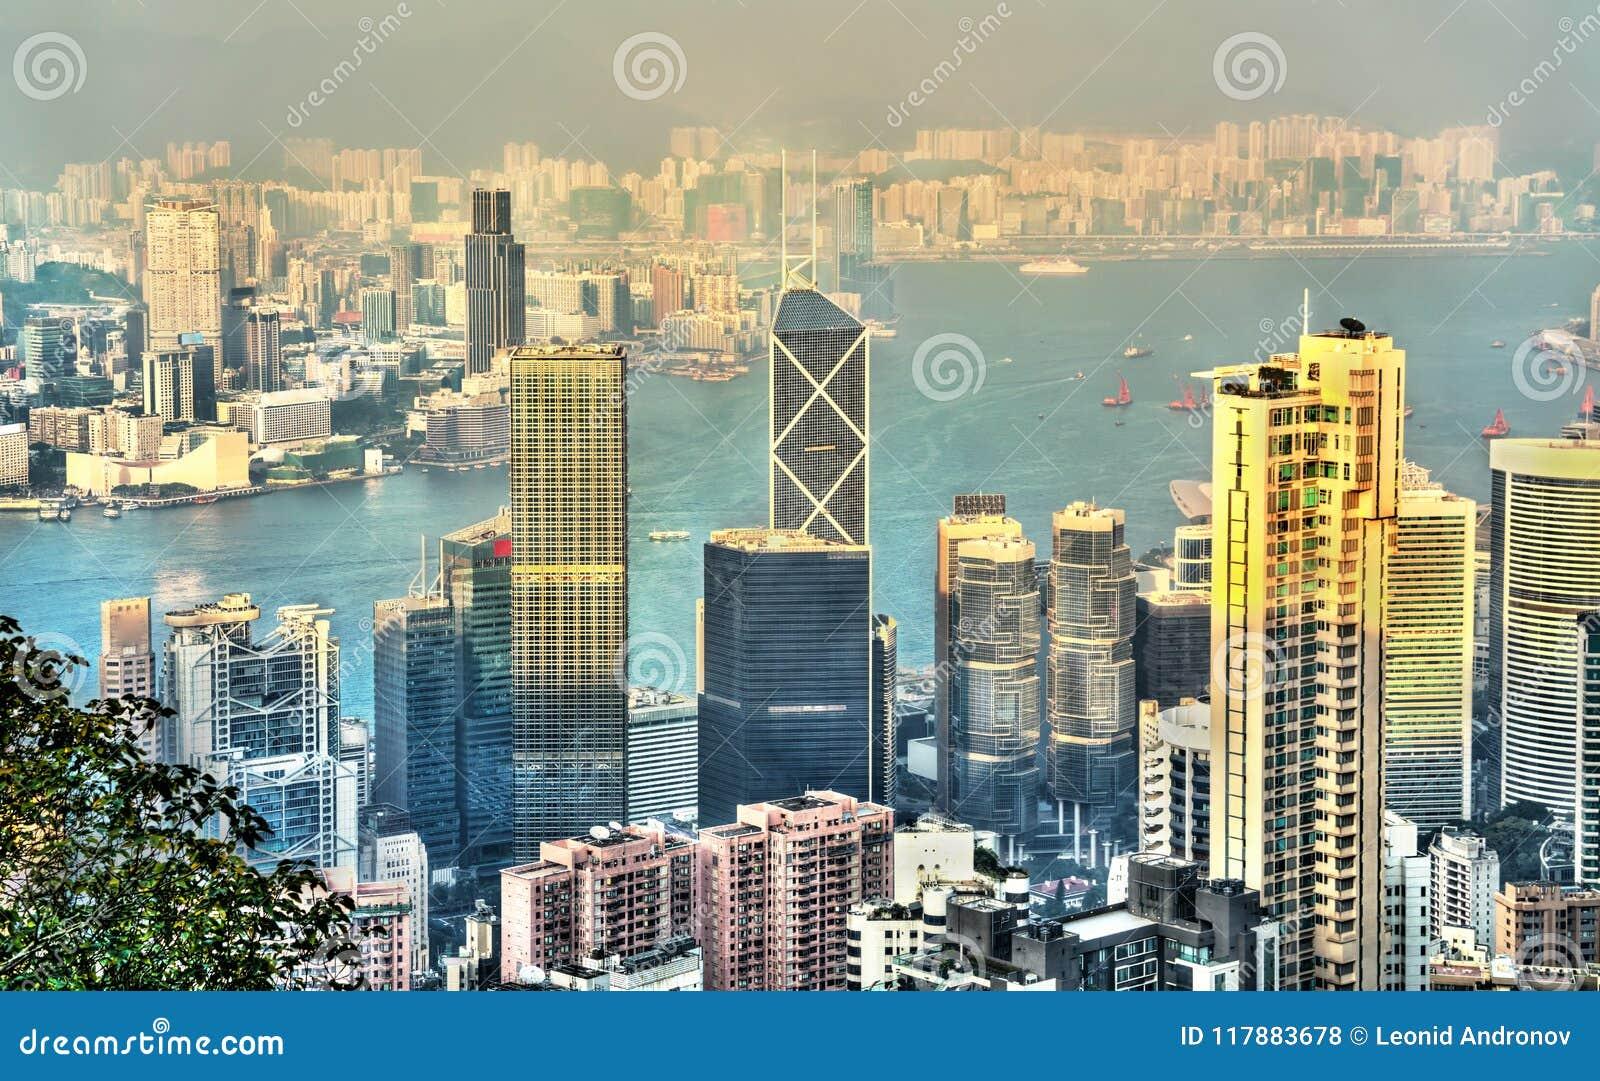 Πανόραμα του νησιού Χονγκ Κονγκ το βράδυ, Κίνα